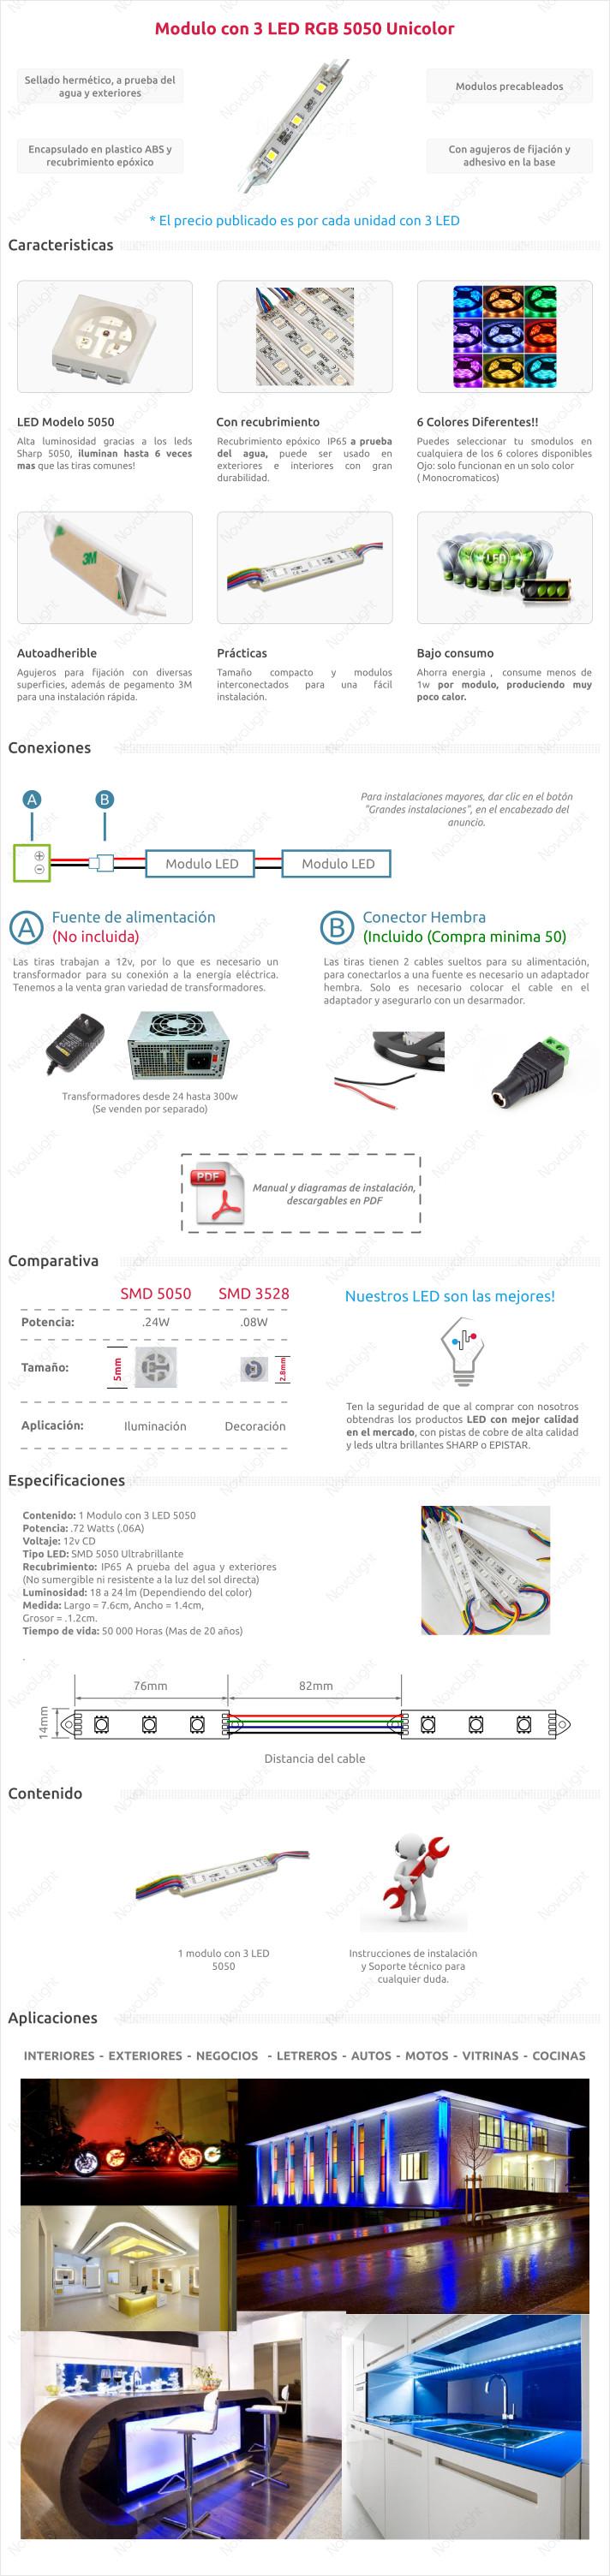 Descripción del modulo LED 5050 Unicolor